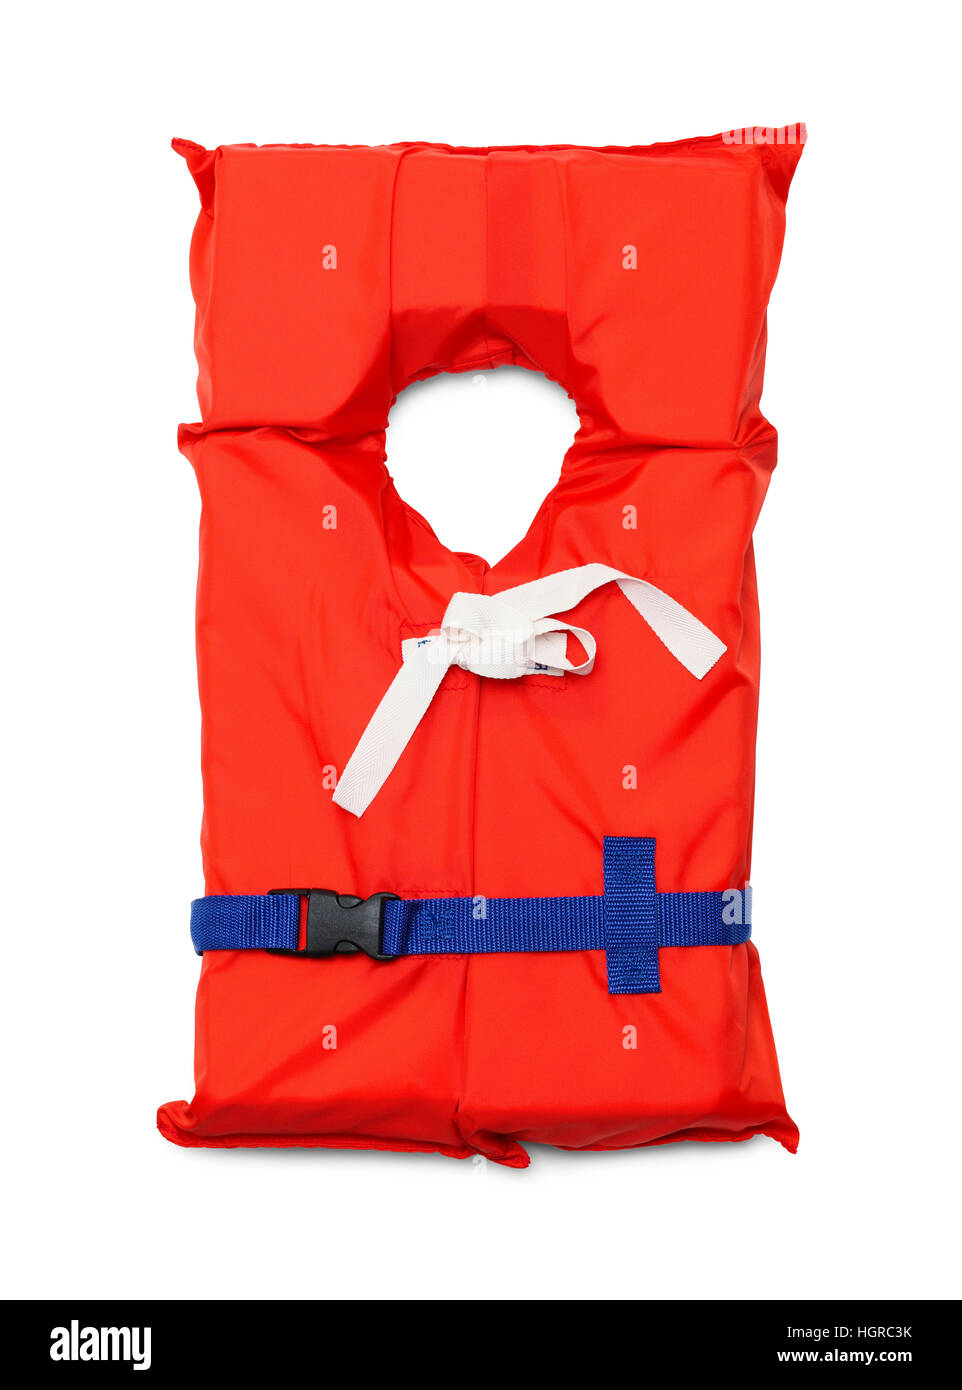 Orange Life Jacket with Belt Isolated on White Background. - Stock Image